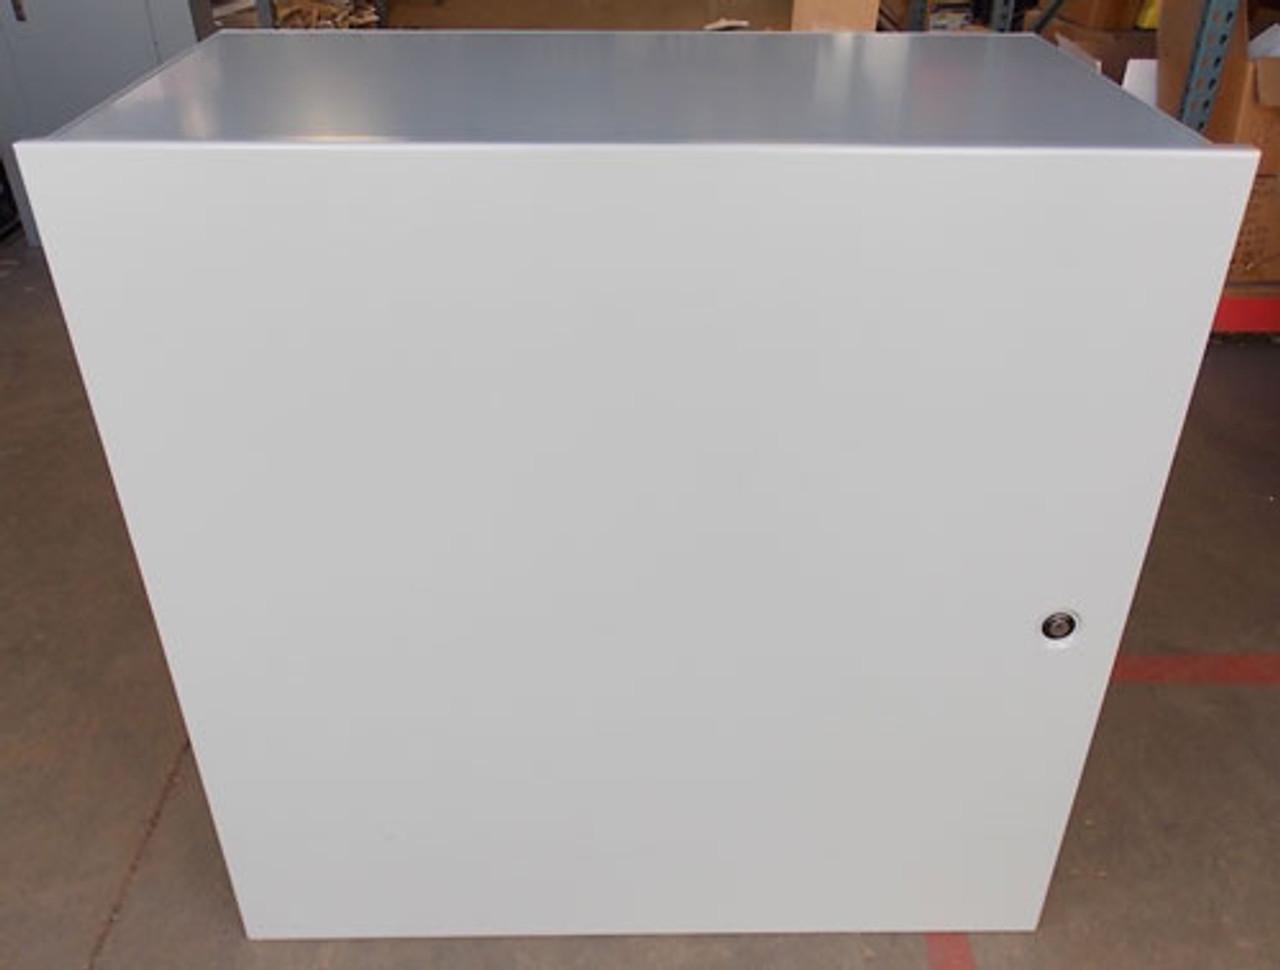 Cooper B-Line 323216-1 M2-00-0-0 32x32x16 Cut Out Box Nema 1 Enclosure - New